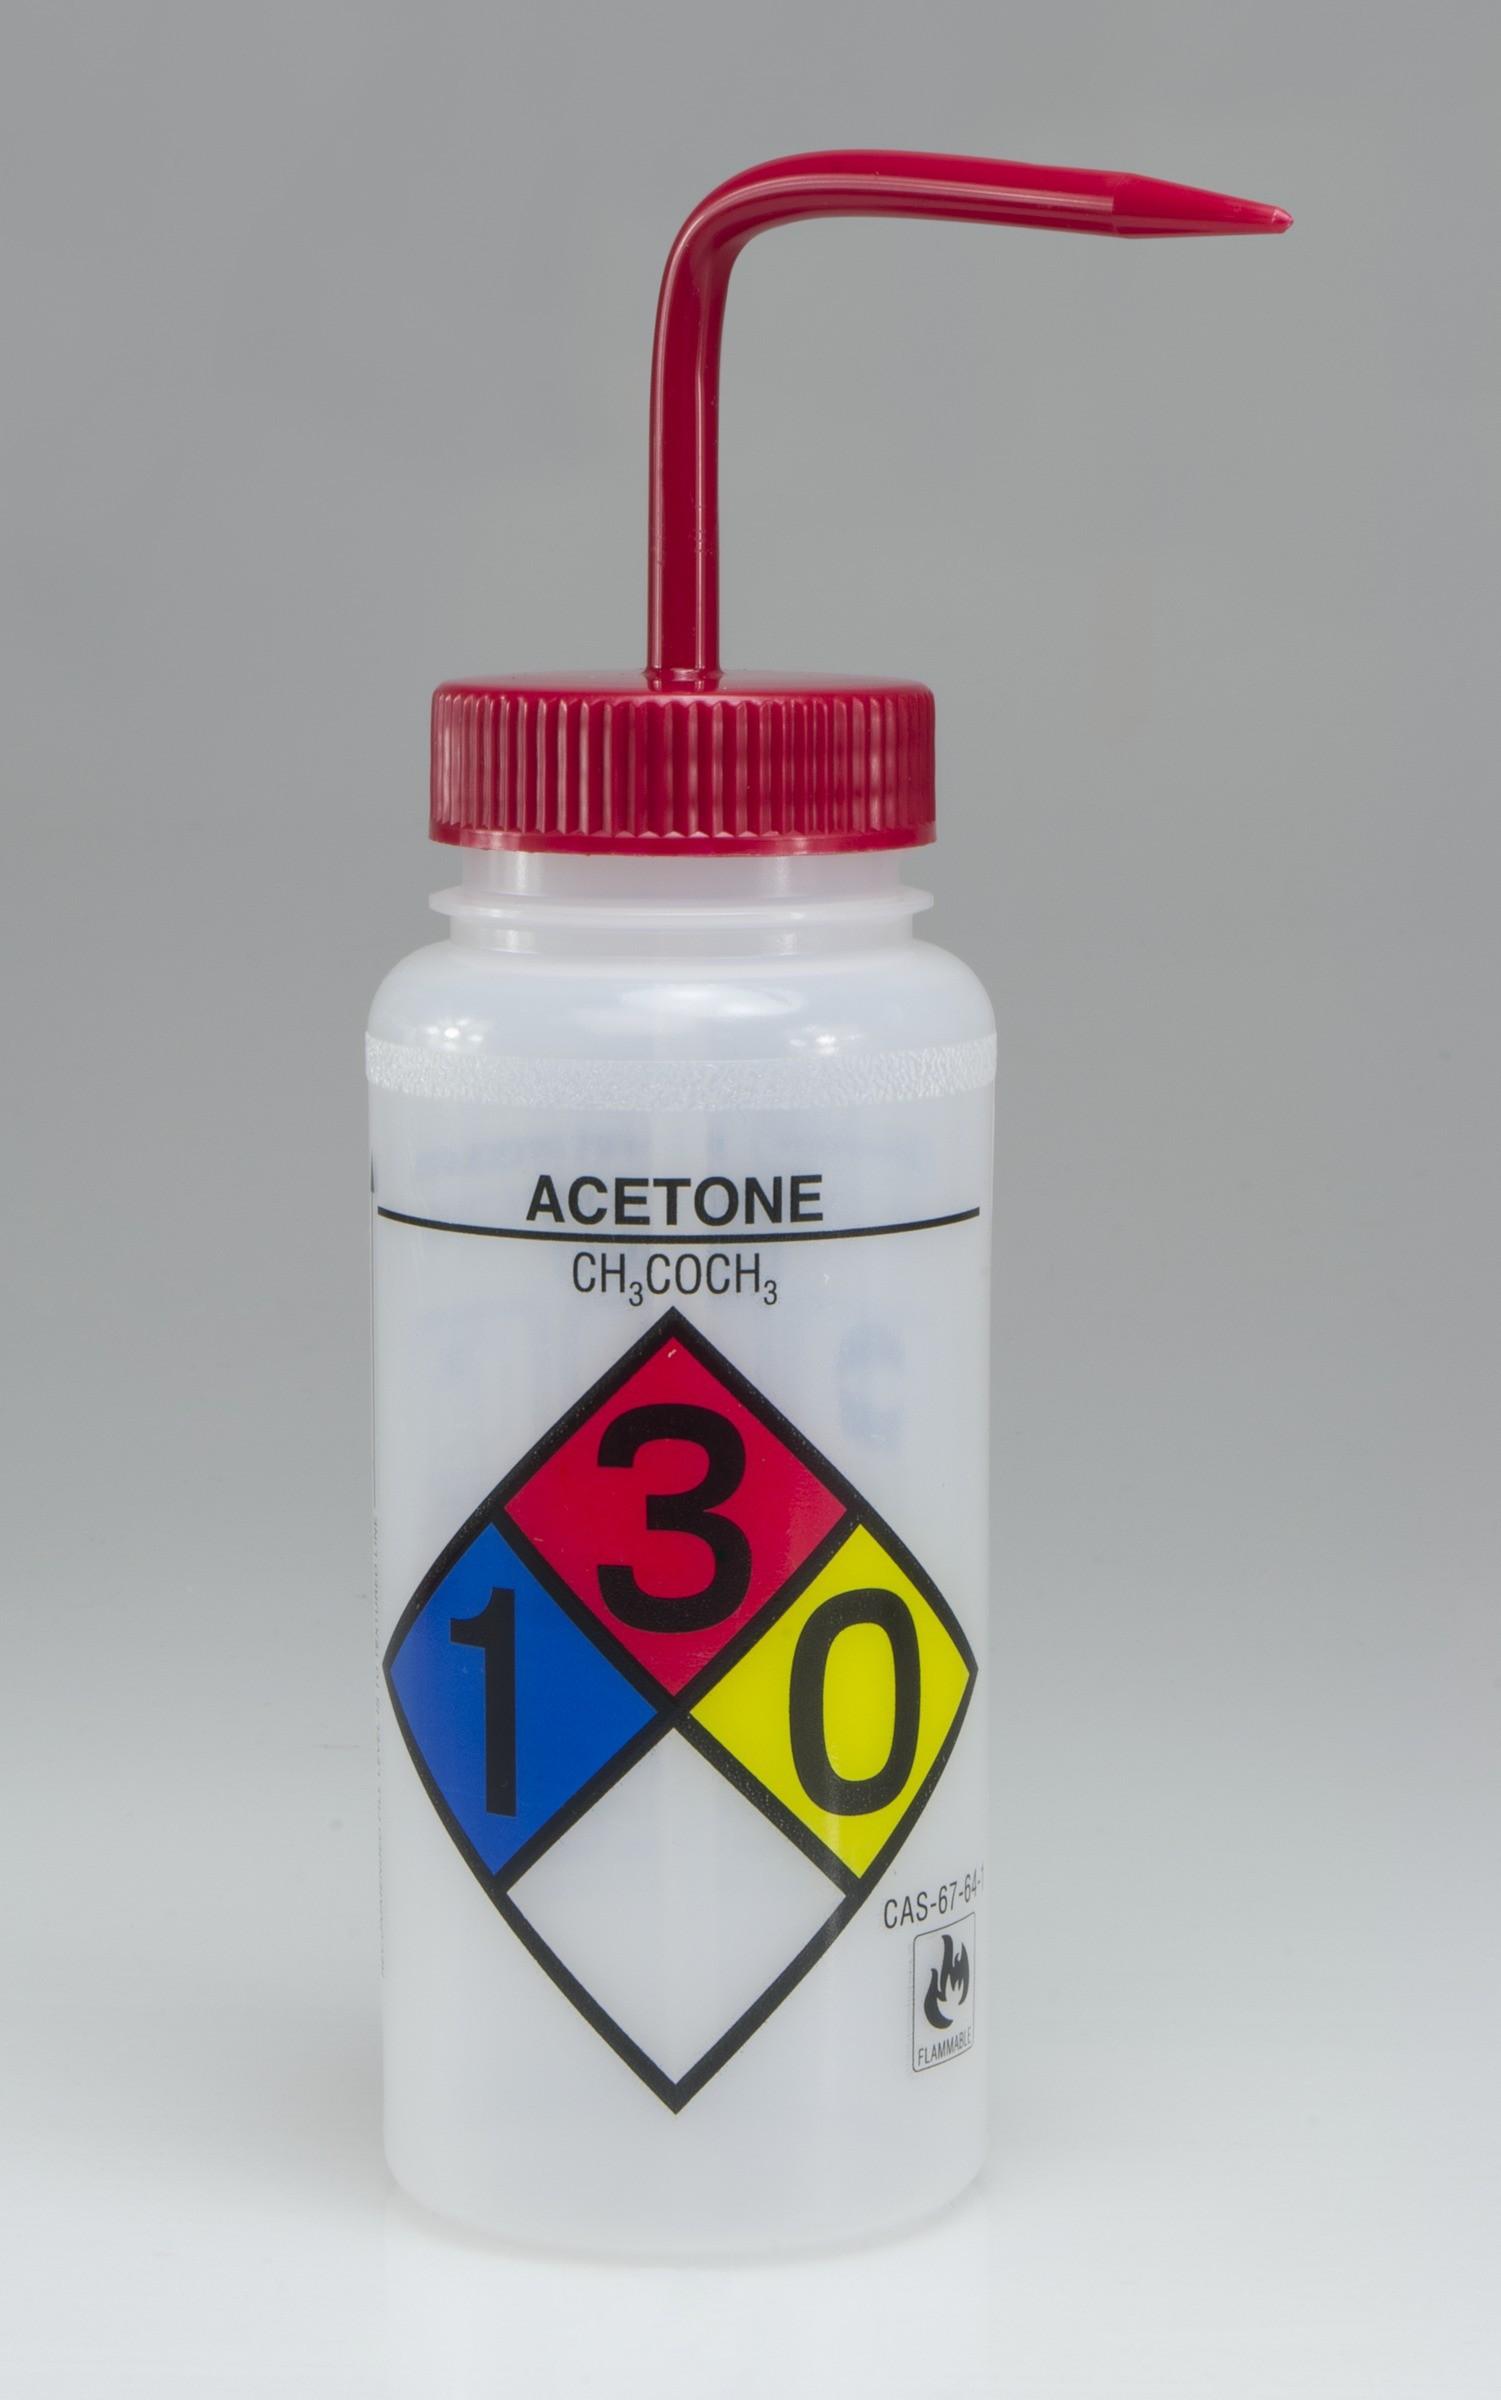 SP Bel-Art Safety-Labeled 4-Color Acetone Wide-Mouth Wash Bottles; 500ml (16oz), Polyethylene w/Red Polypropylene Cap (Pack of 4)